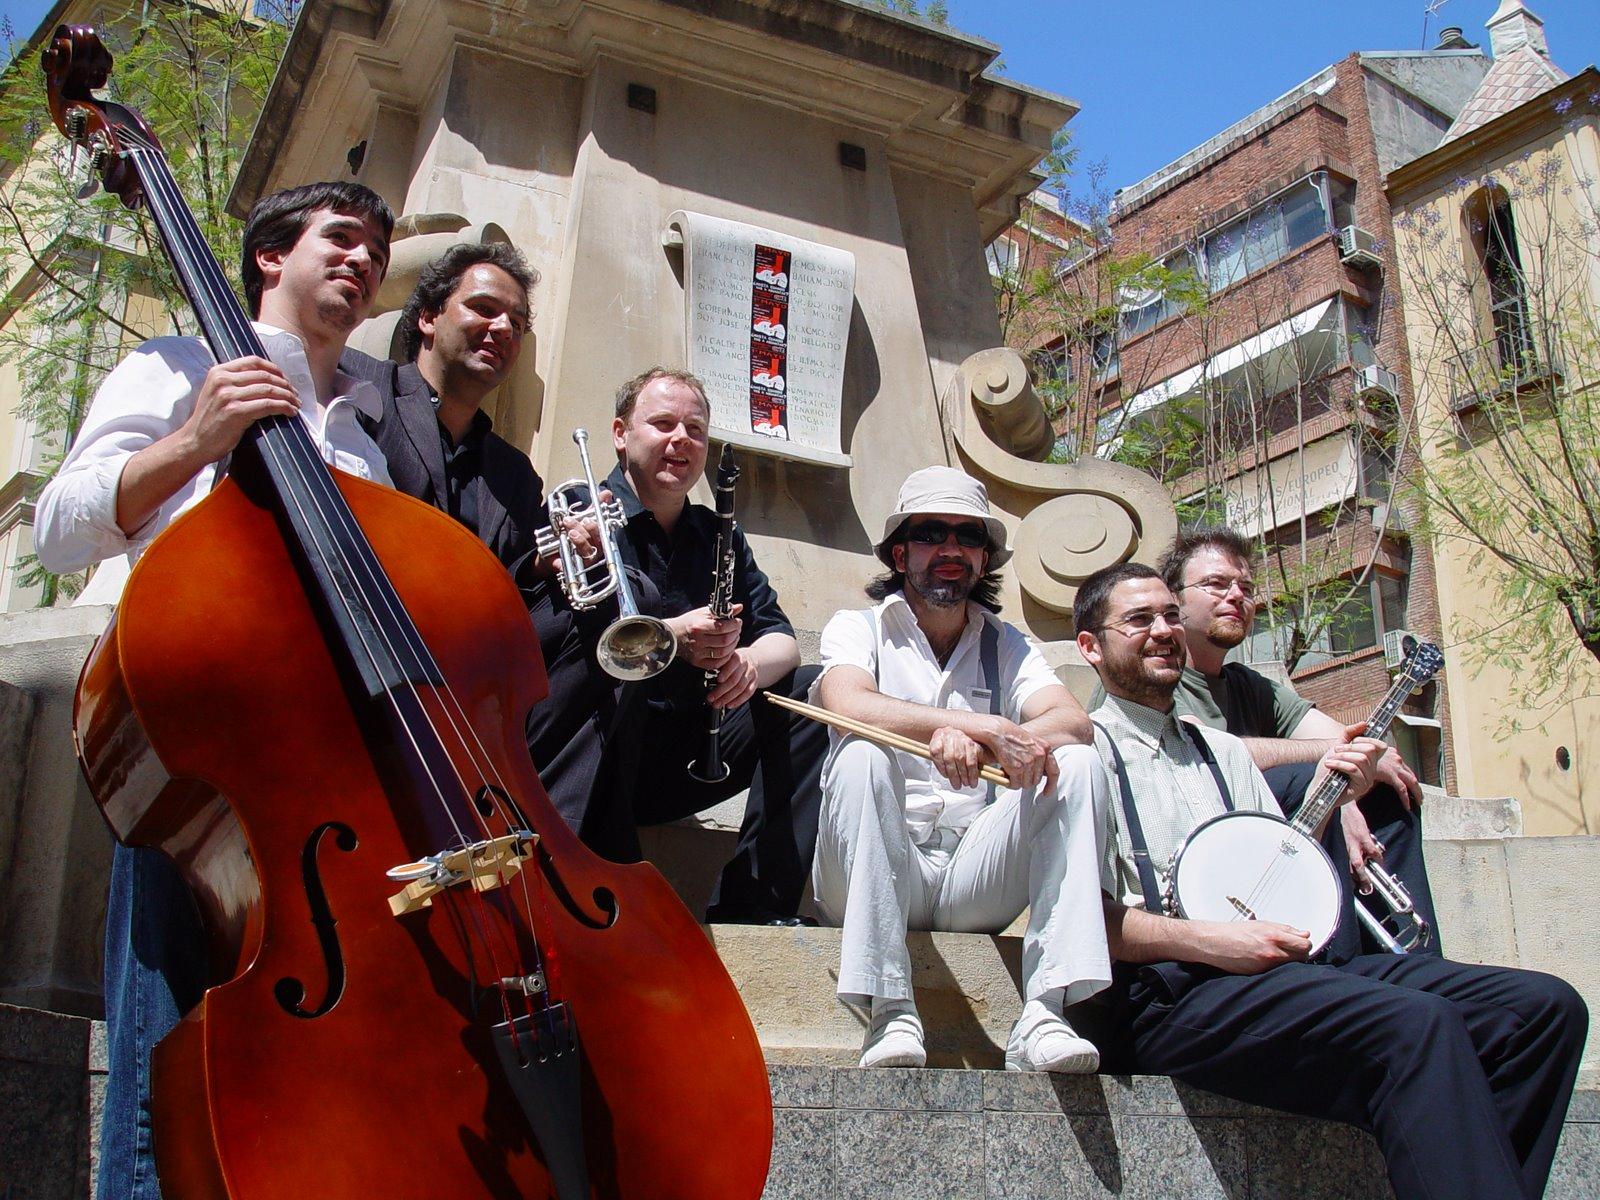 Los Hot5 en el Festival internacional de Jazz de Murcia 2007